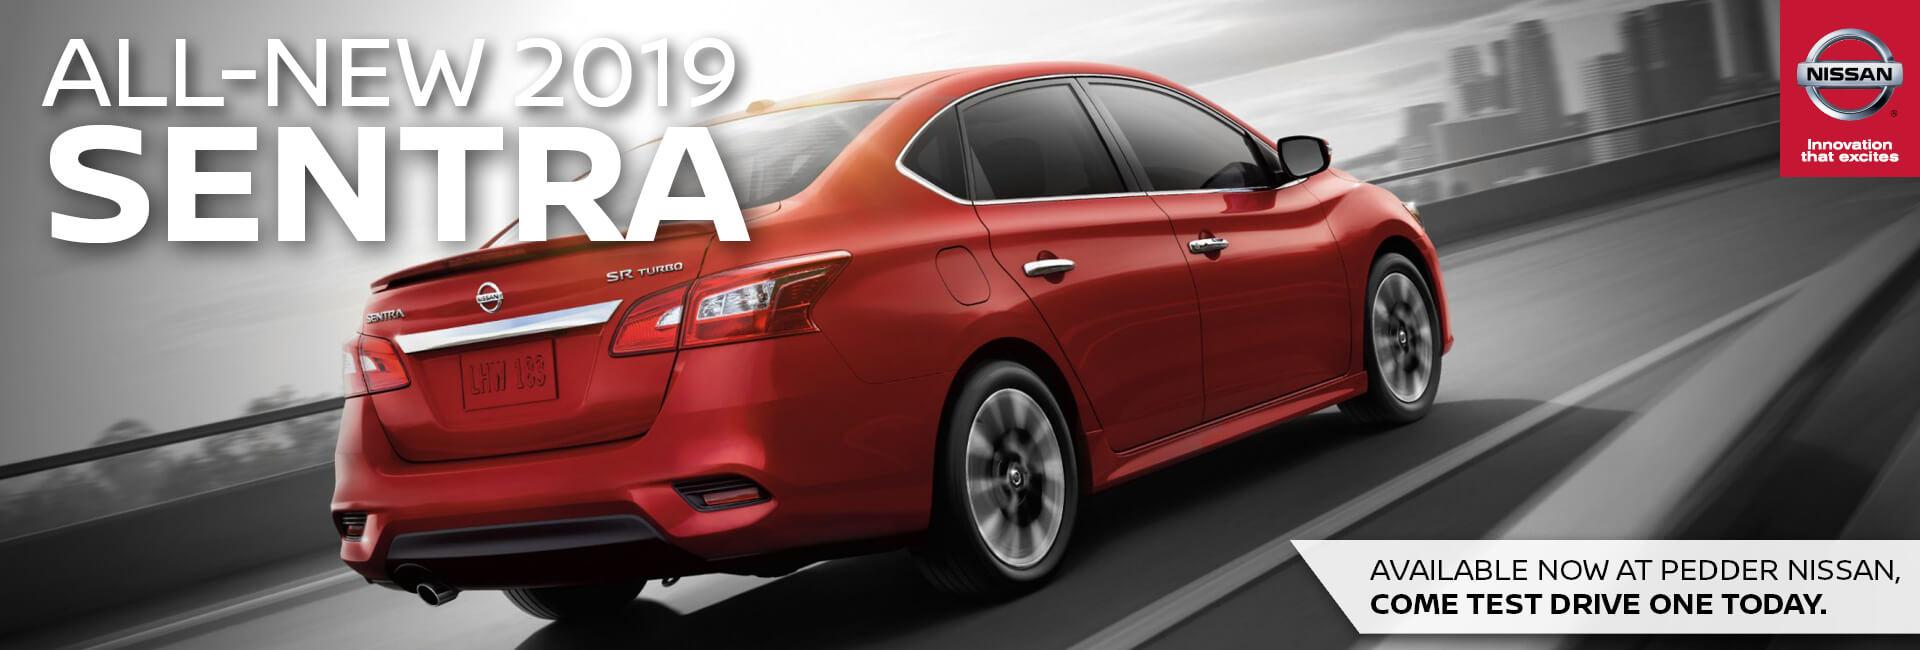 All-New 2019 Sentra